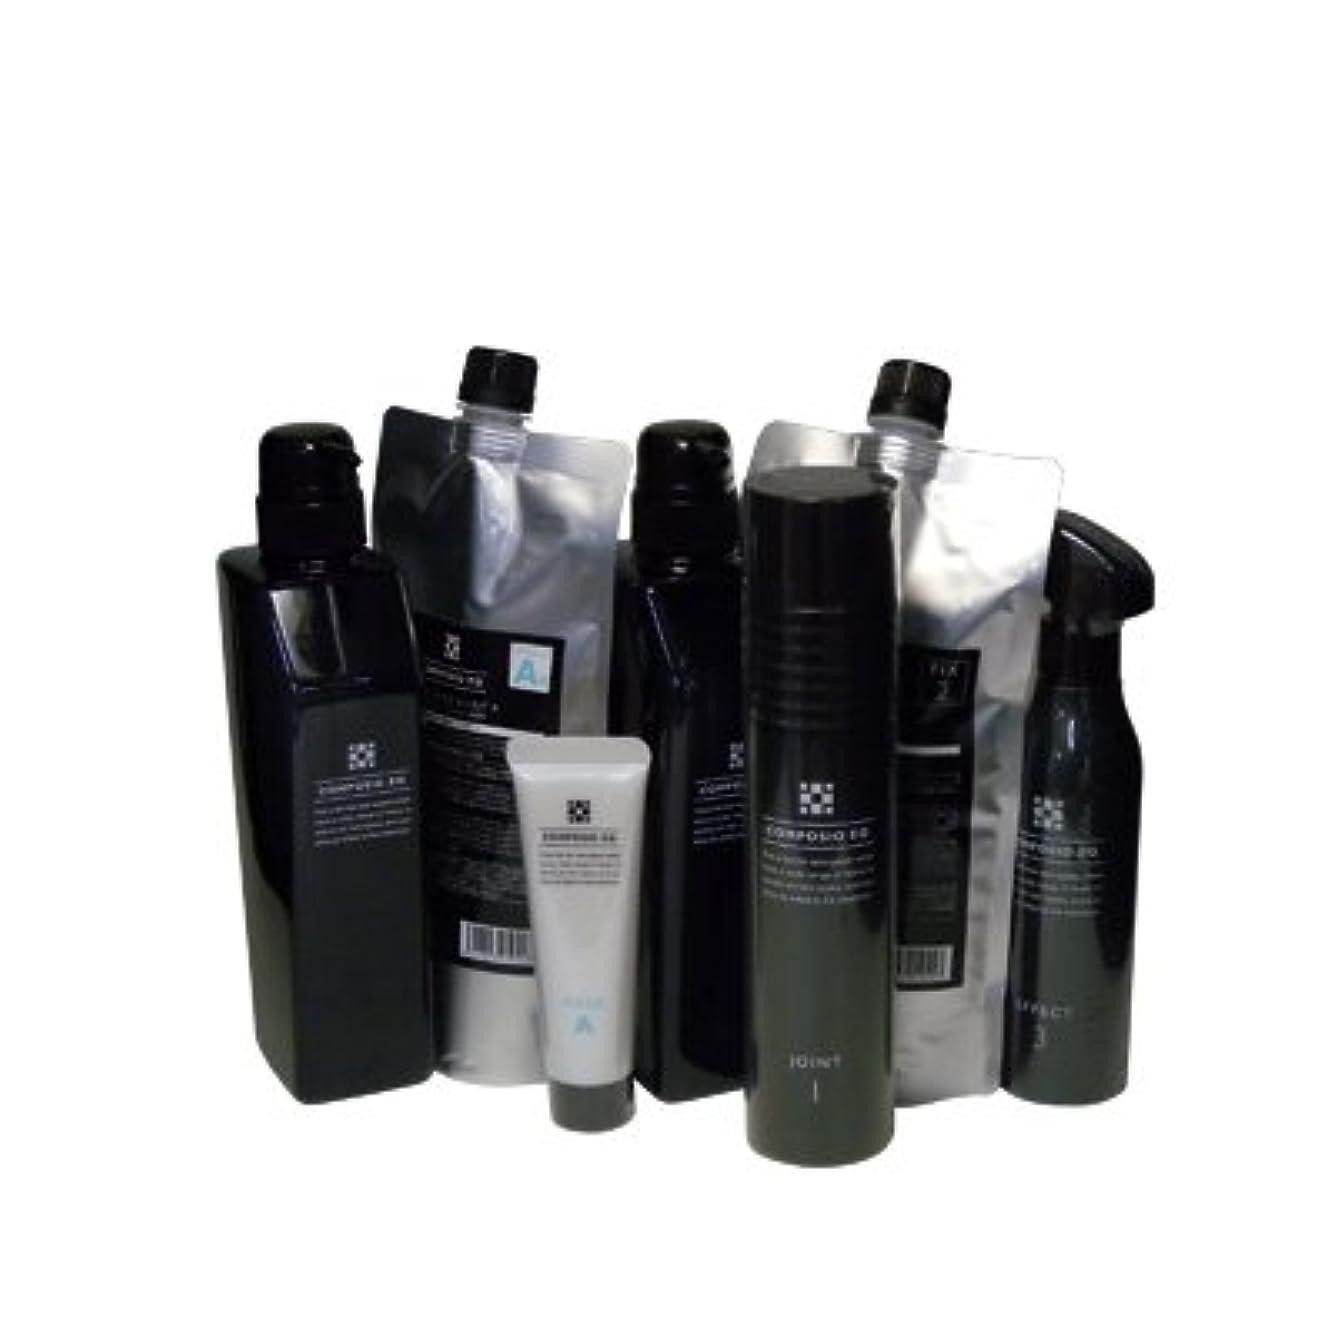 是正する呼吸する従事するデミ コンポジオ EQ フルセットA(ジョイント+フィックス+エフェクト+シールドA+マスクA)